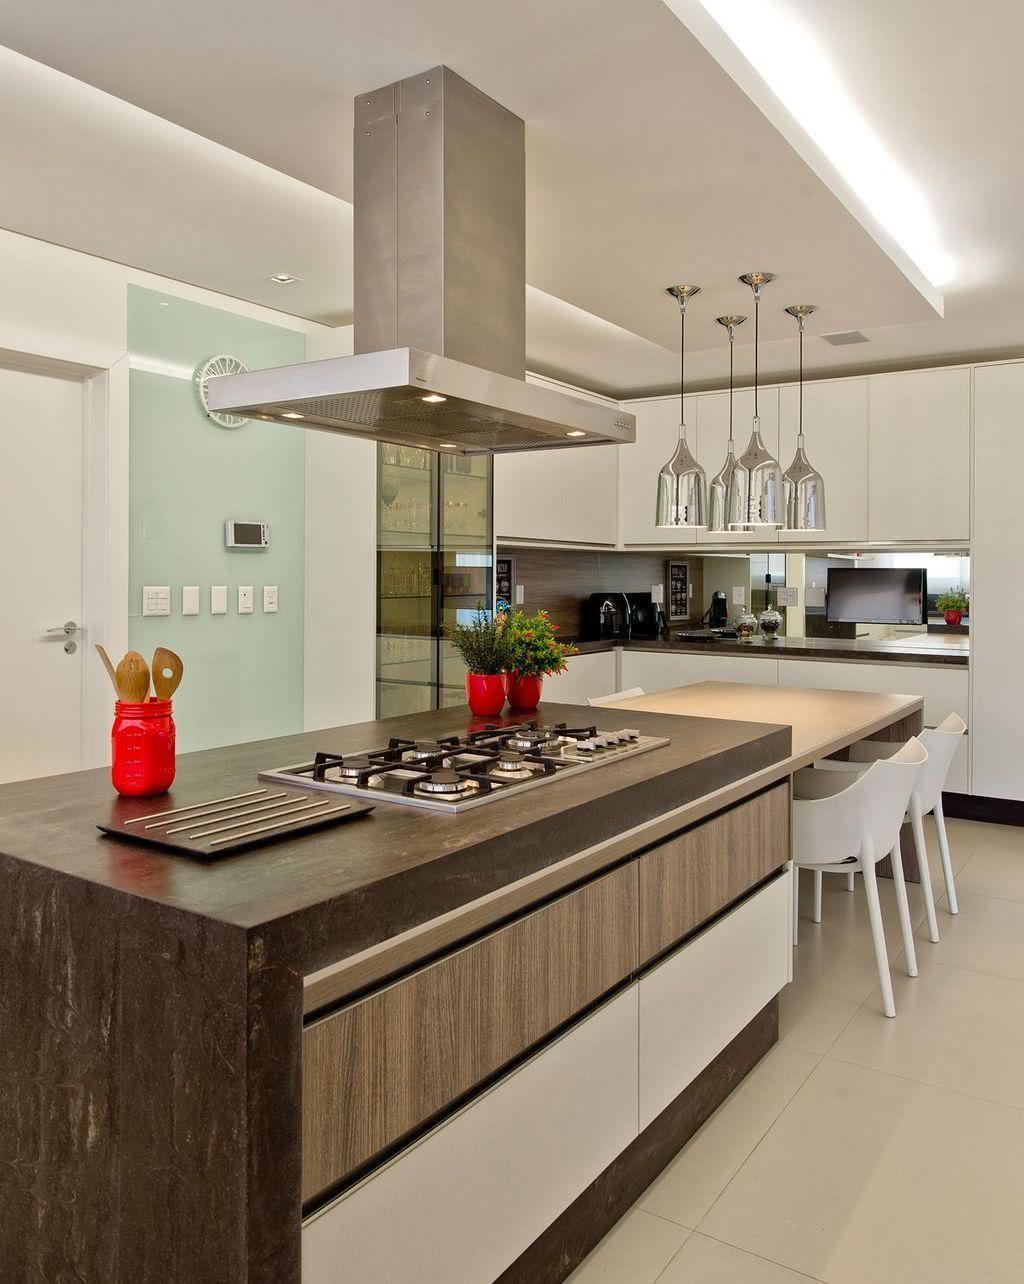 Cozinha planejada com ilha grande e cooktop.